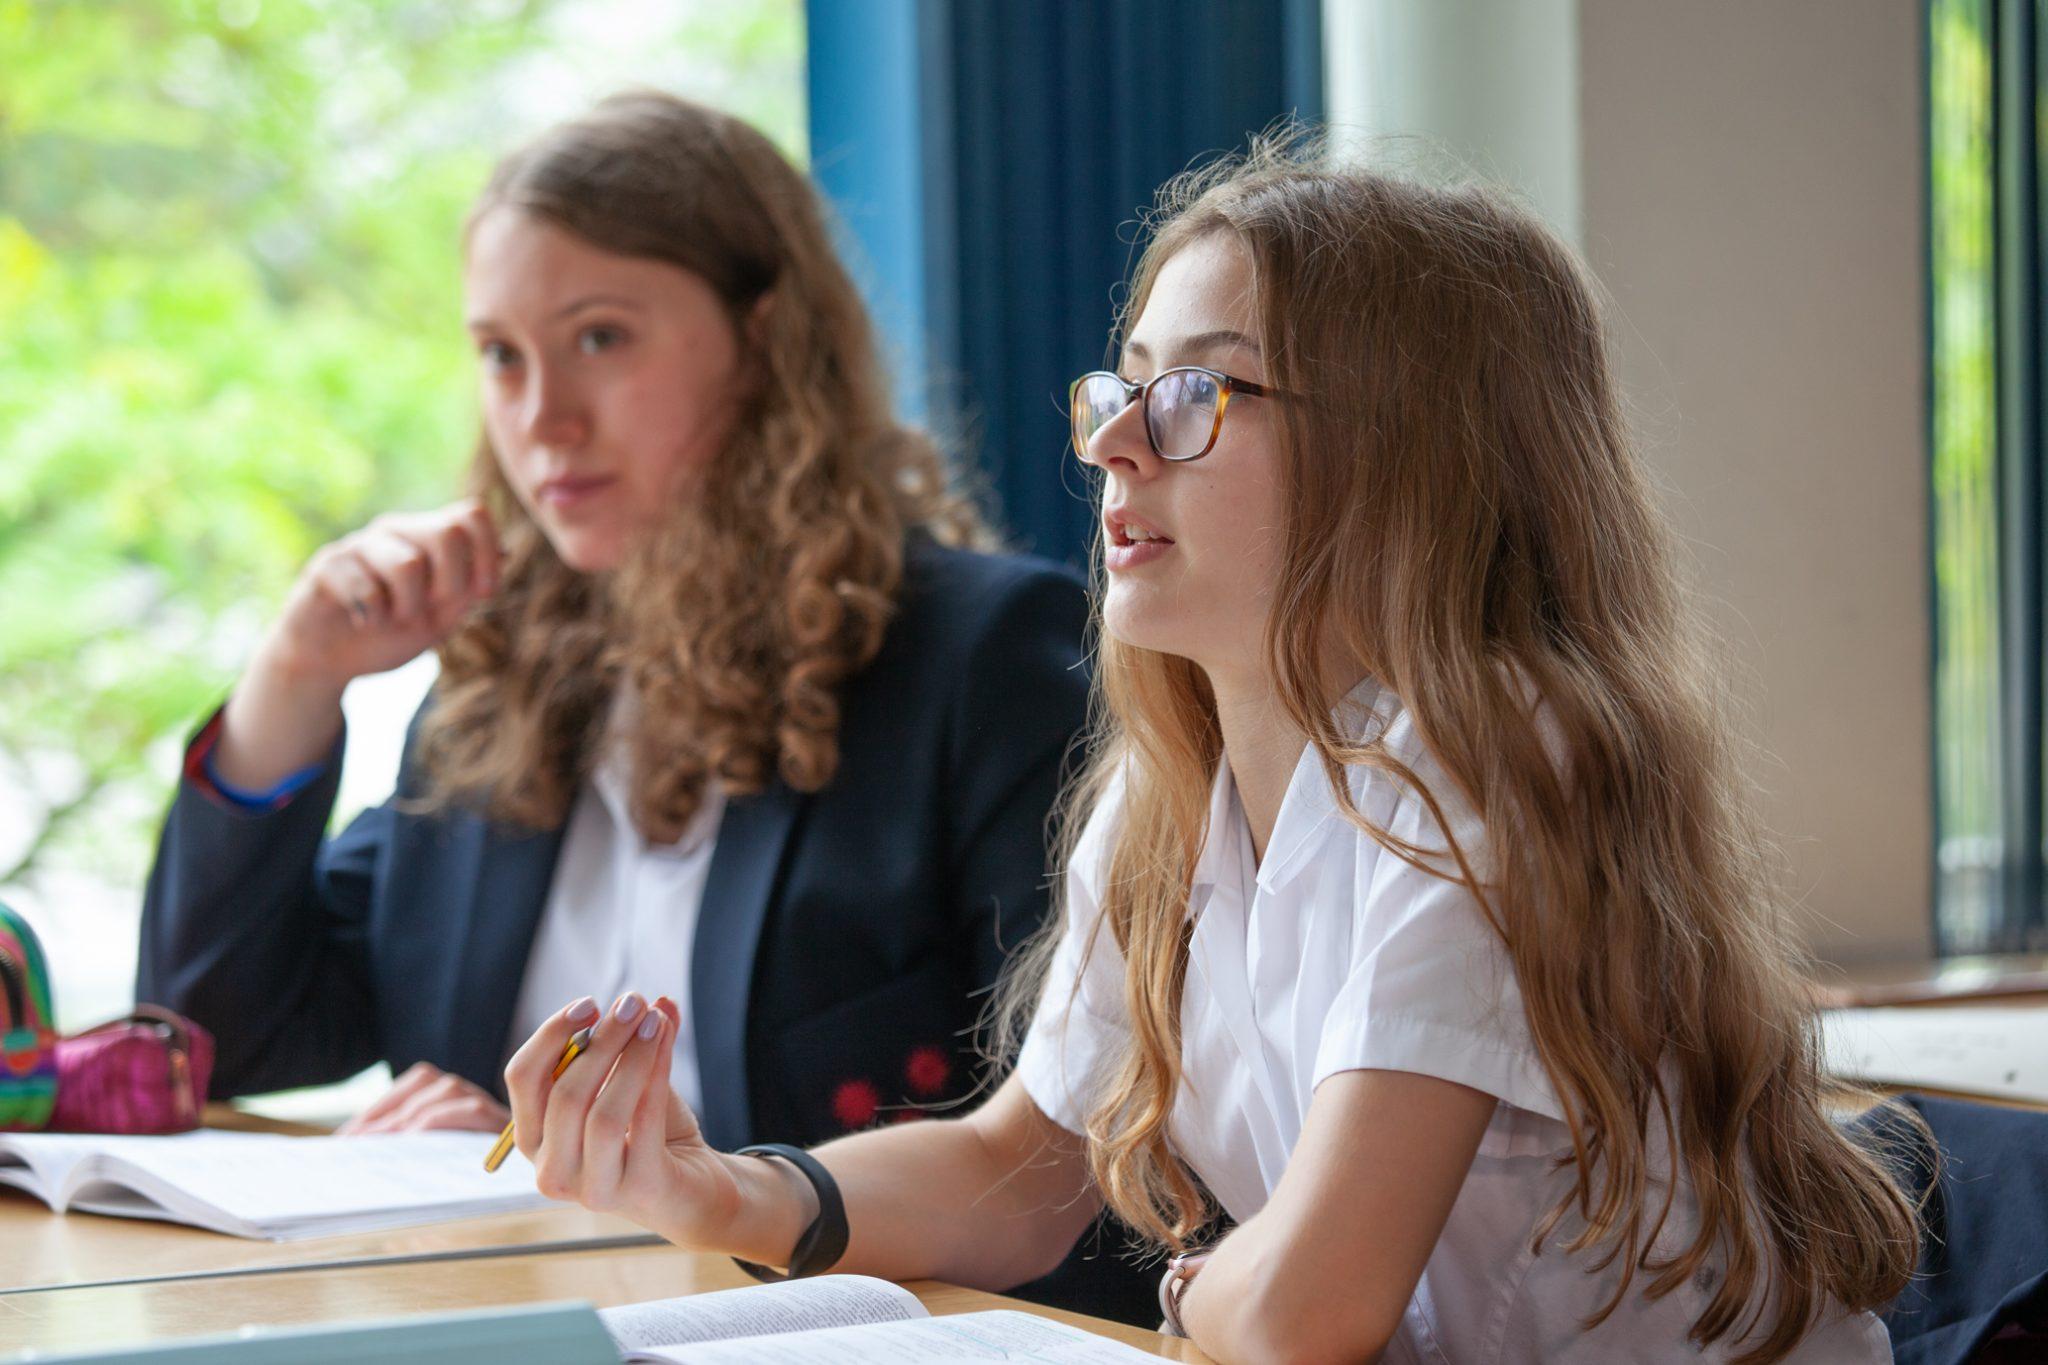 Zwei Mädchen eines Internats lernen gemeinsam